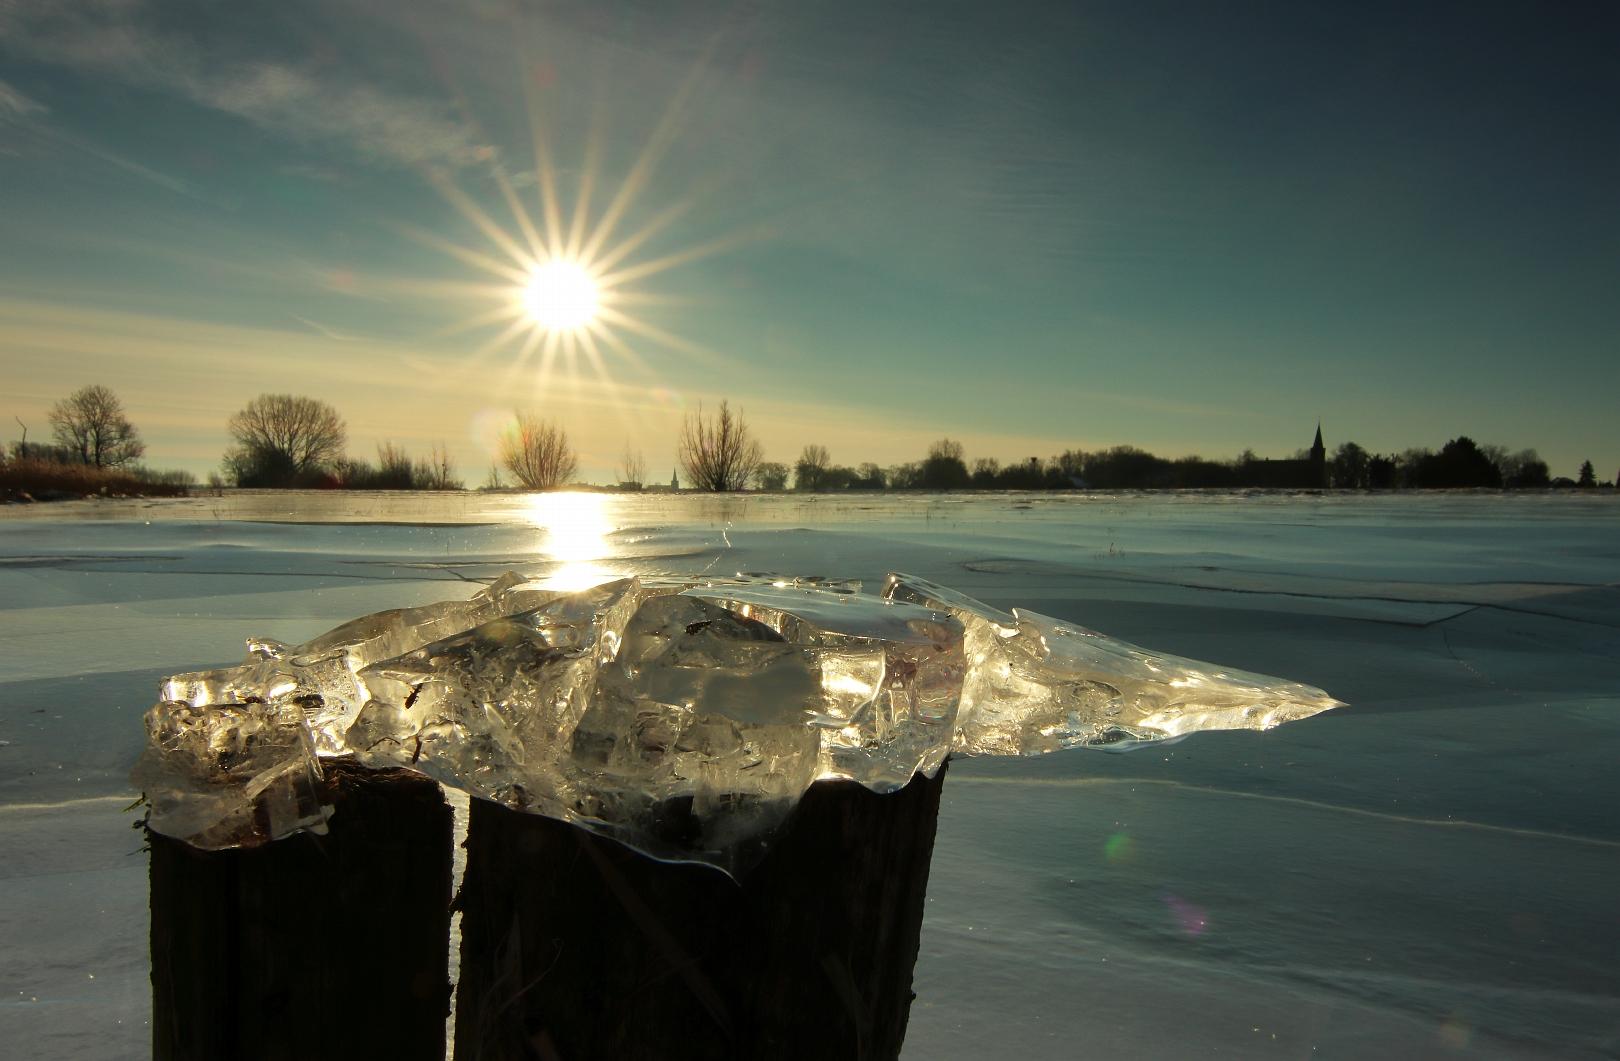 ijsklomp